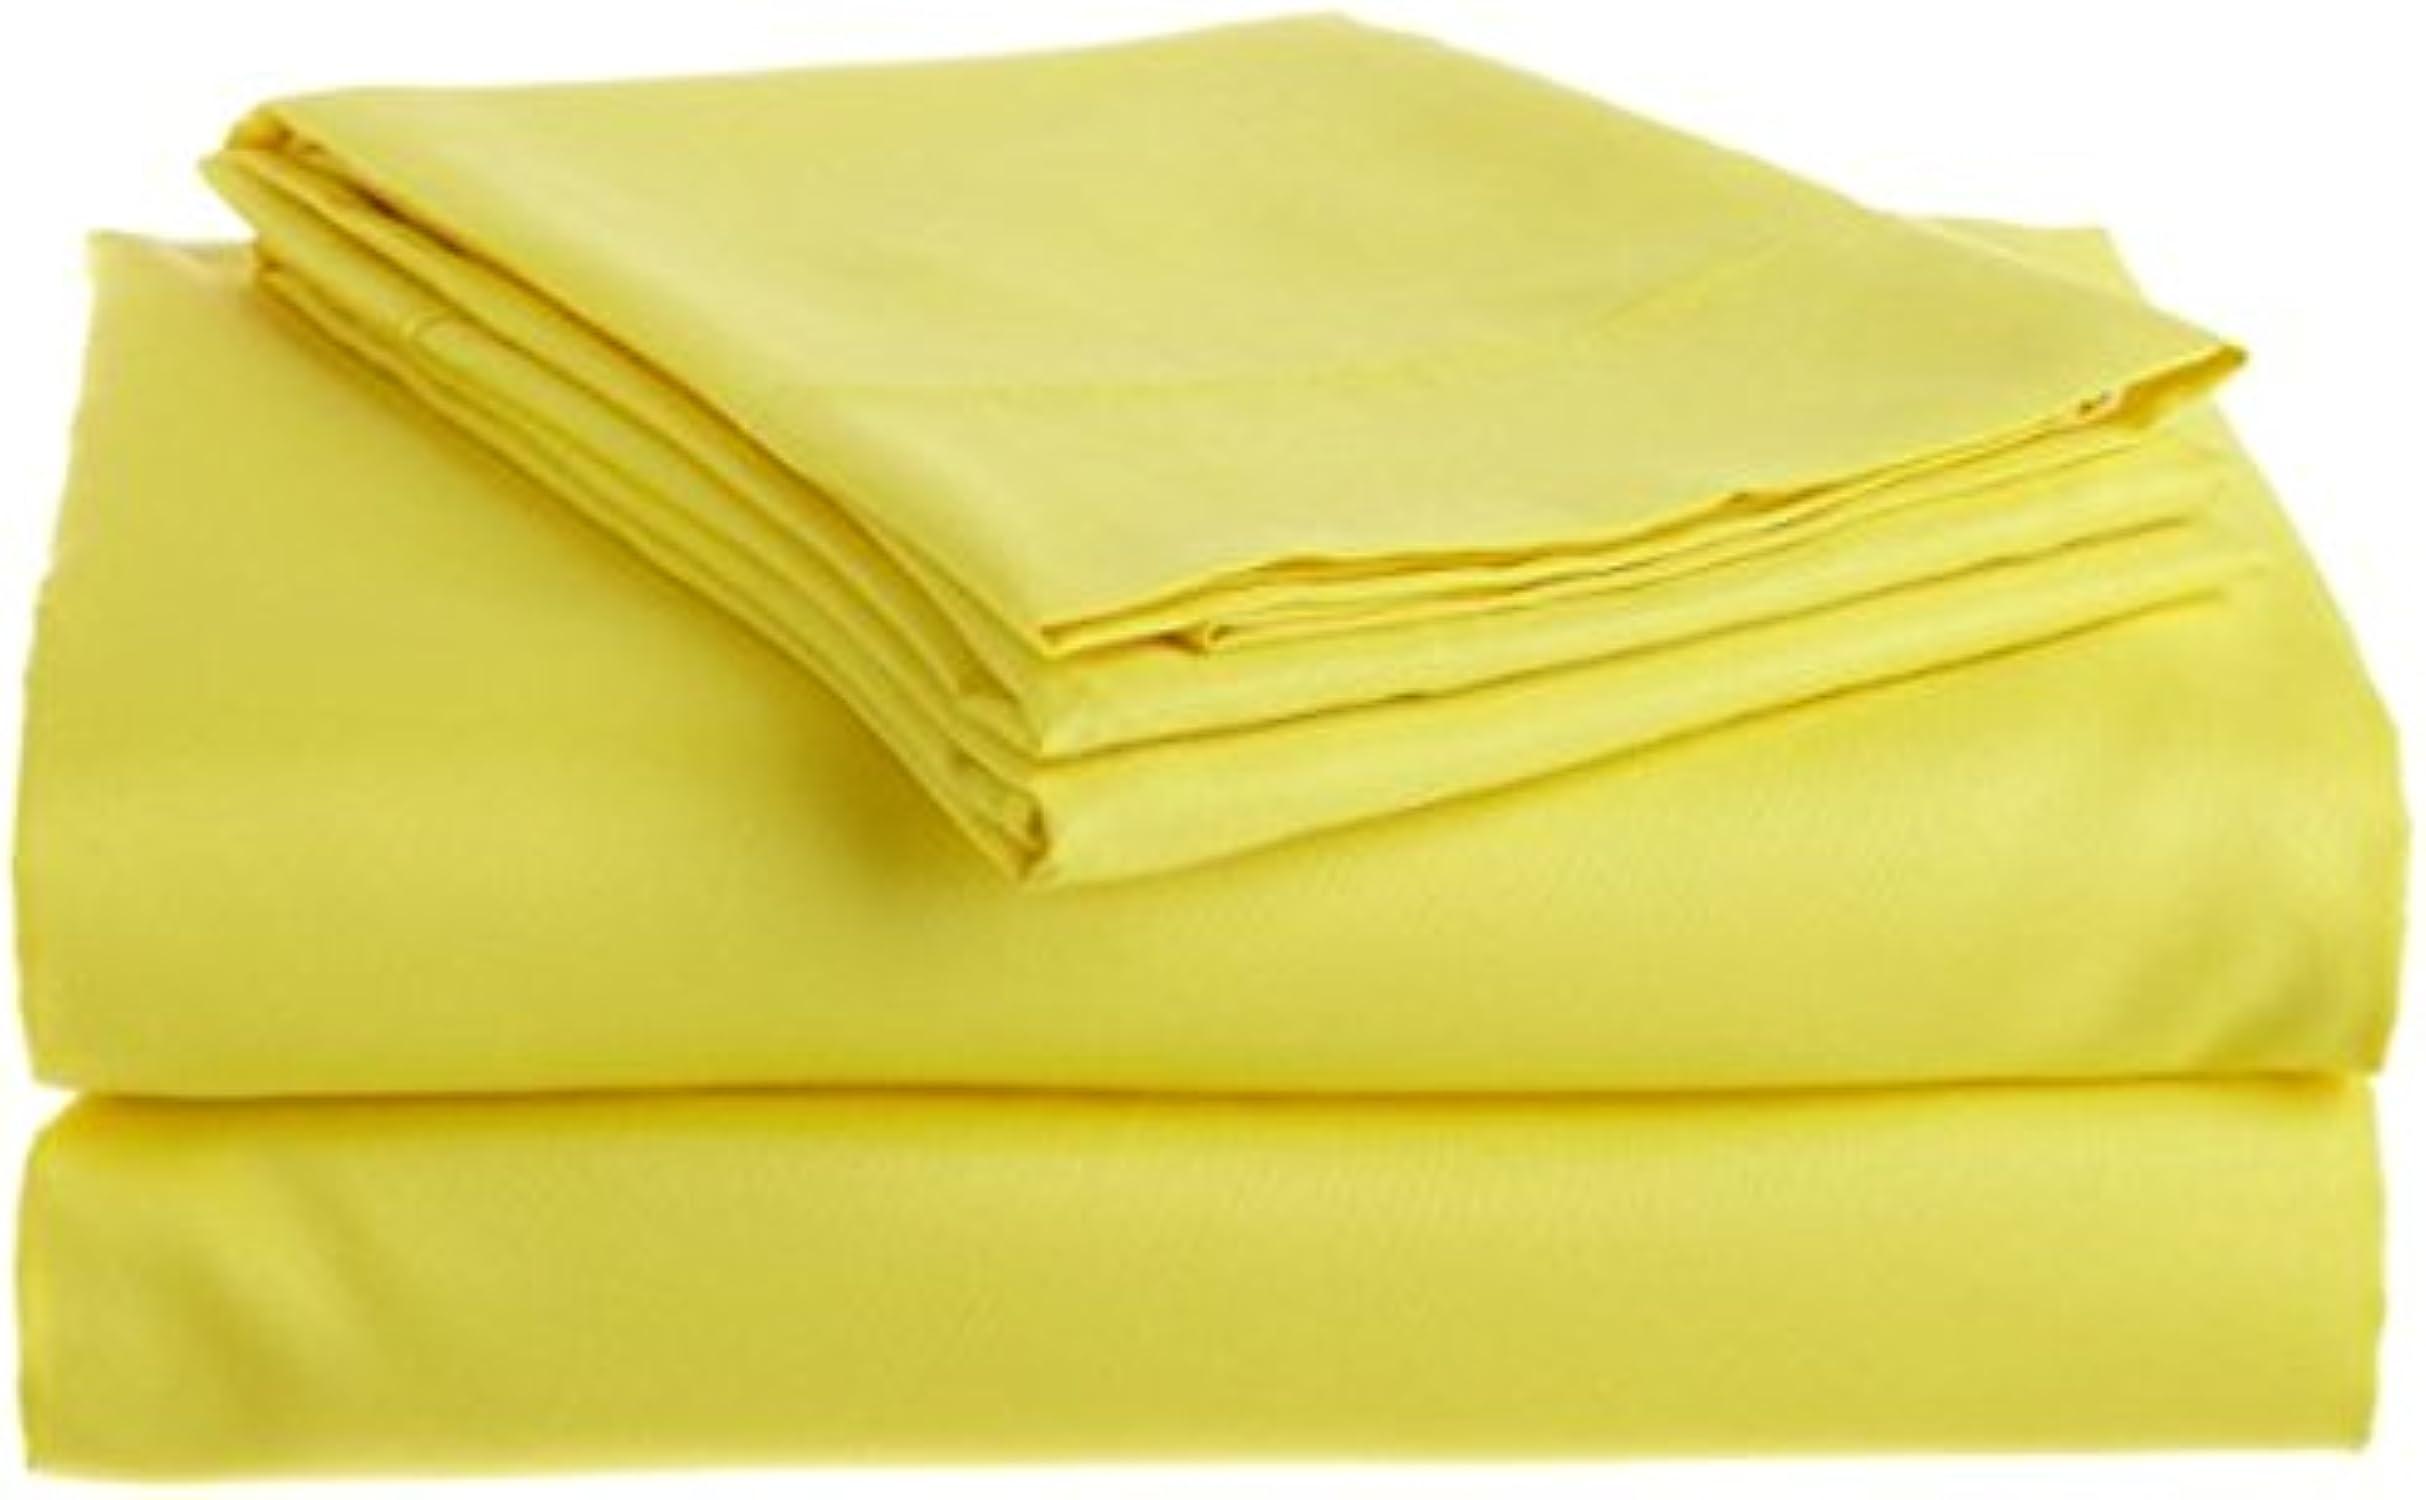 Dreamz Bedding Thread Count de Finition, 600Italien Coton égypcravaten Super King Taille Bed Sheet Set 66cm Extra Deep Pocket UK, Jaune Massive, 600tc Parure de lit 100% Coton